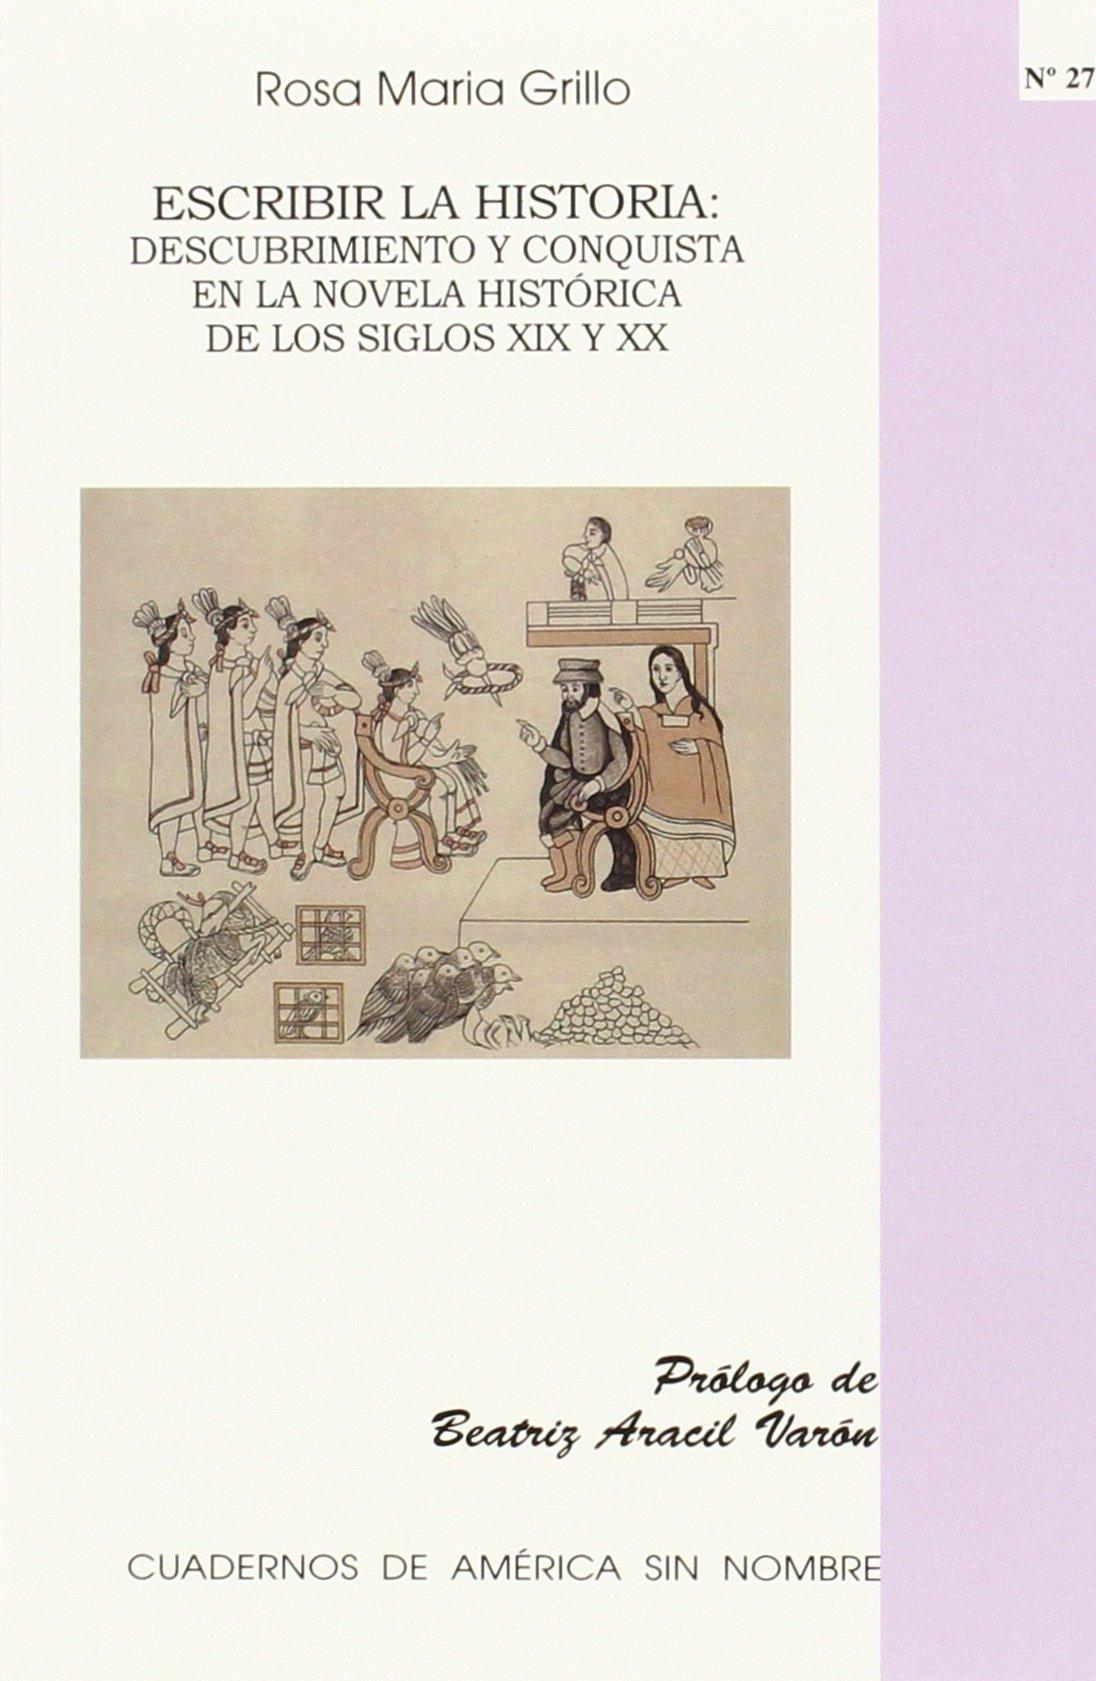 Escribir la historia: Descubrimiento y conquista en la novela histórica de los siglos XIX y XX (Spanish) Paperback – December 22, 2010